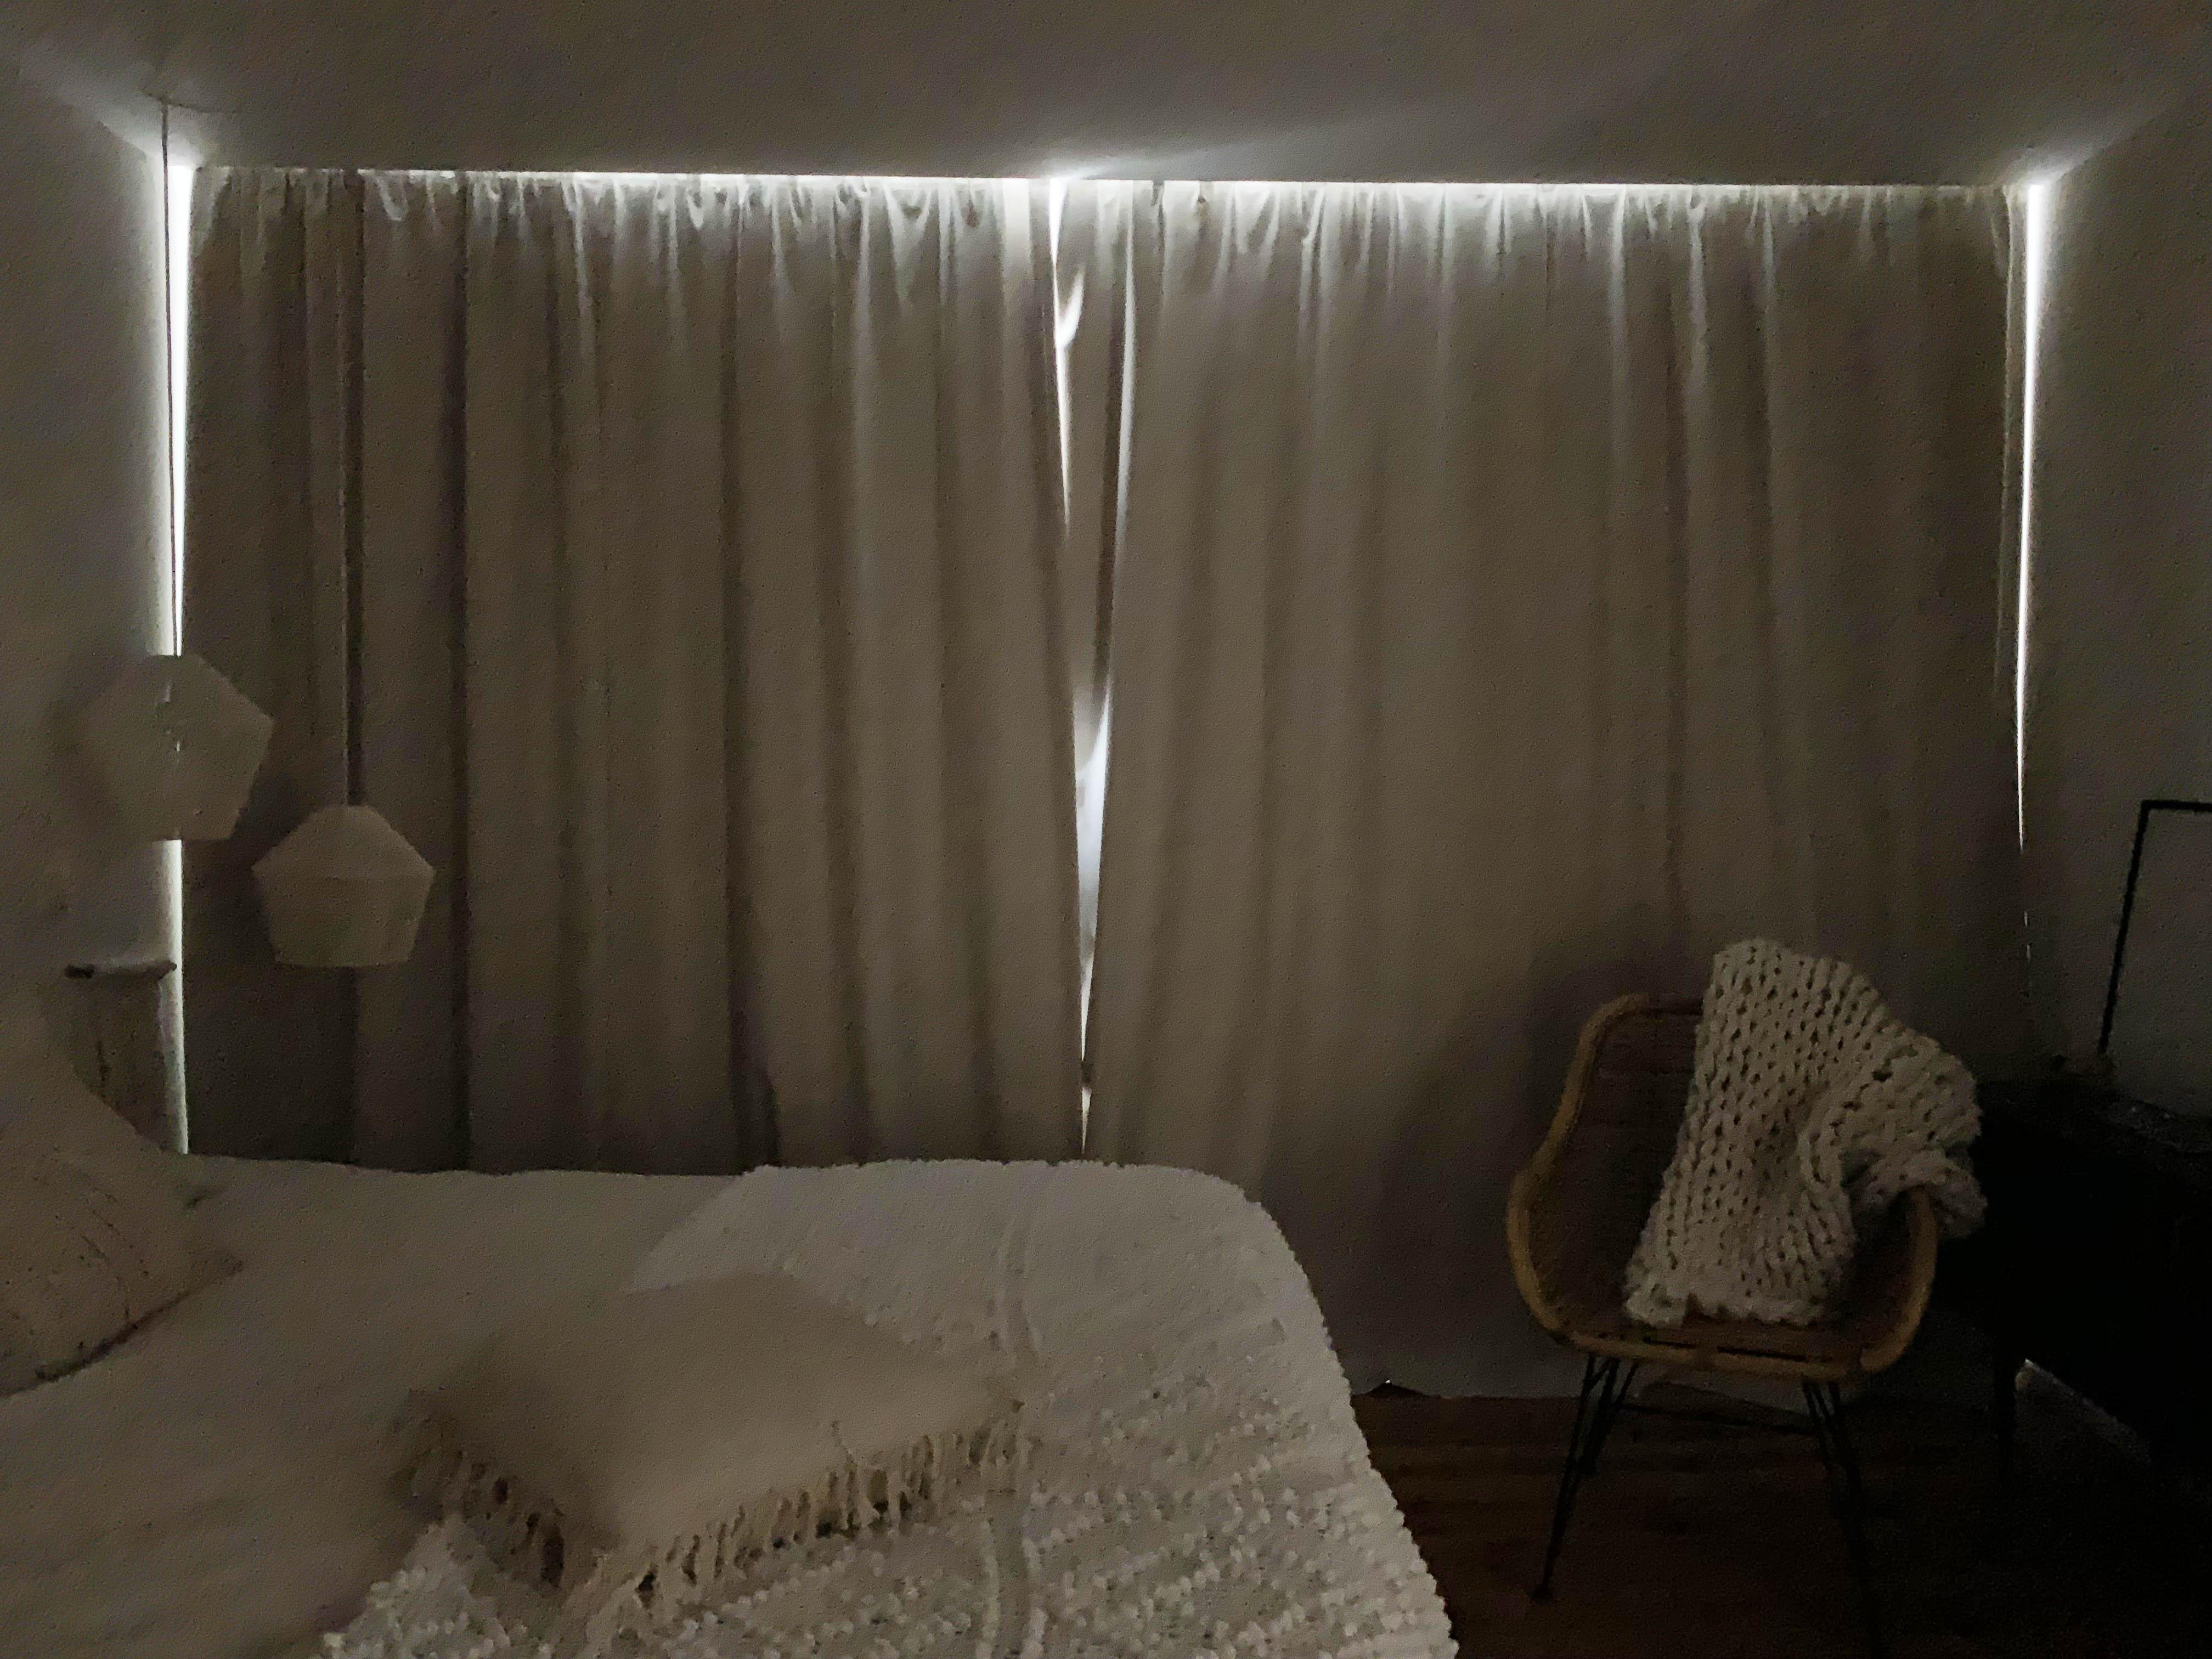 pierre-papier-ciseaux-rideaux-chambre-heytens-apres-mouvement16